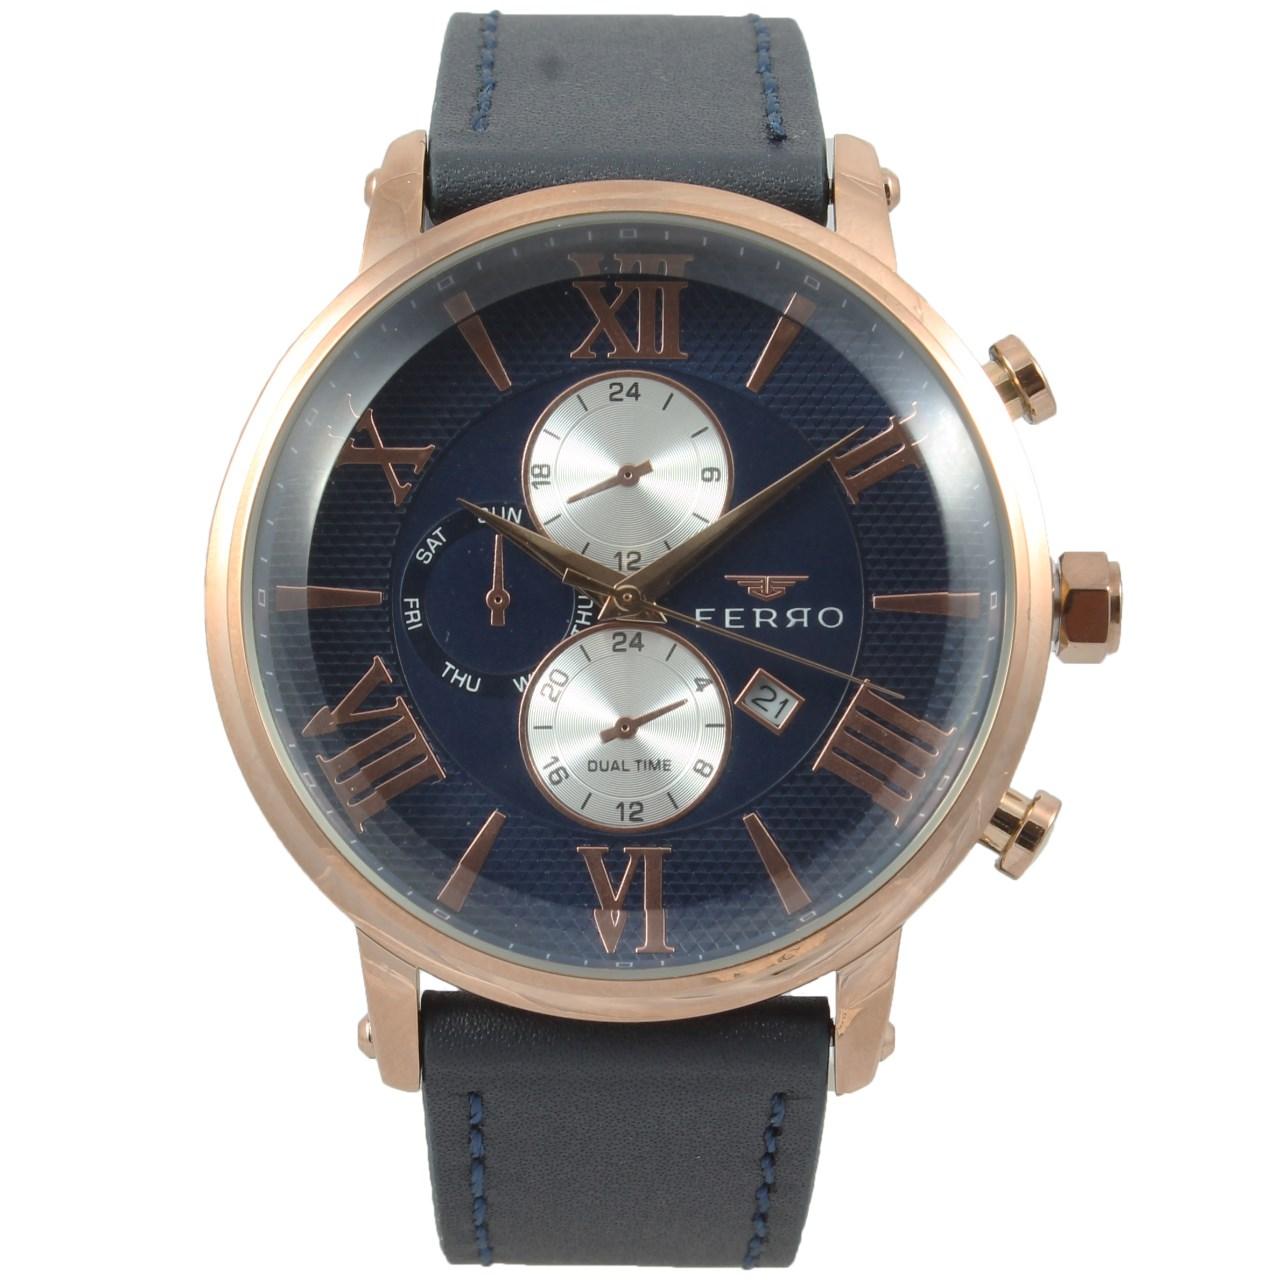 ساعت مچی عقربه ای مردانه فرو مدل F61509-622-C